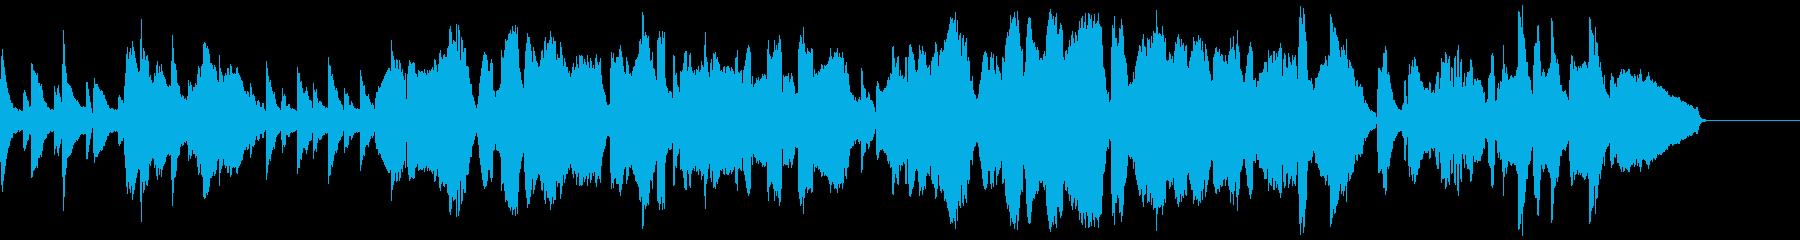 ピアノとチェロとソプラノサックスの曲の再生済みの波形